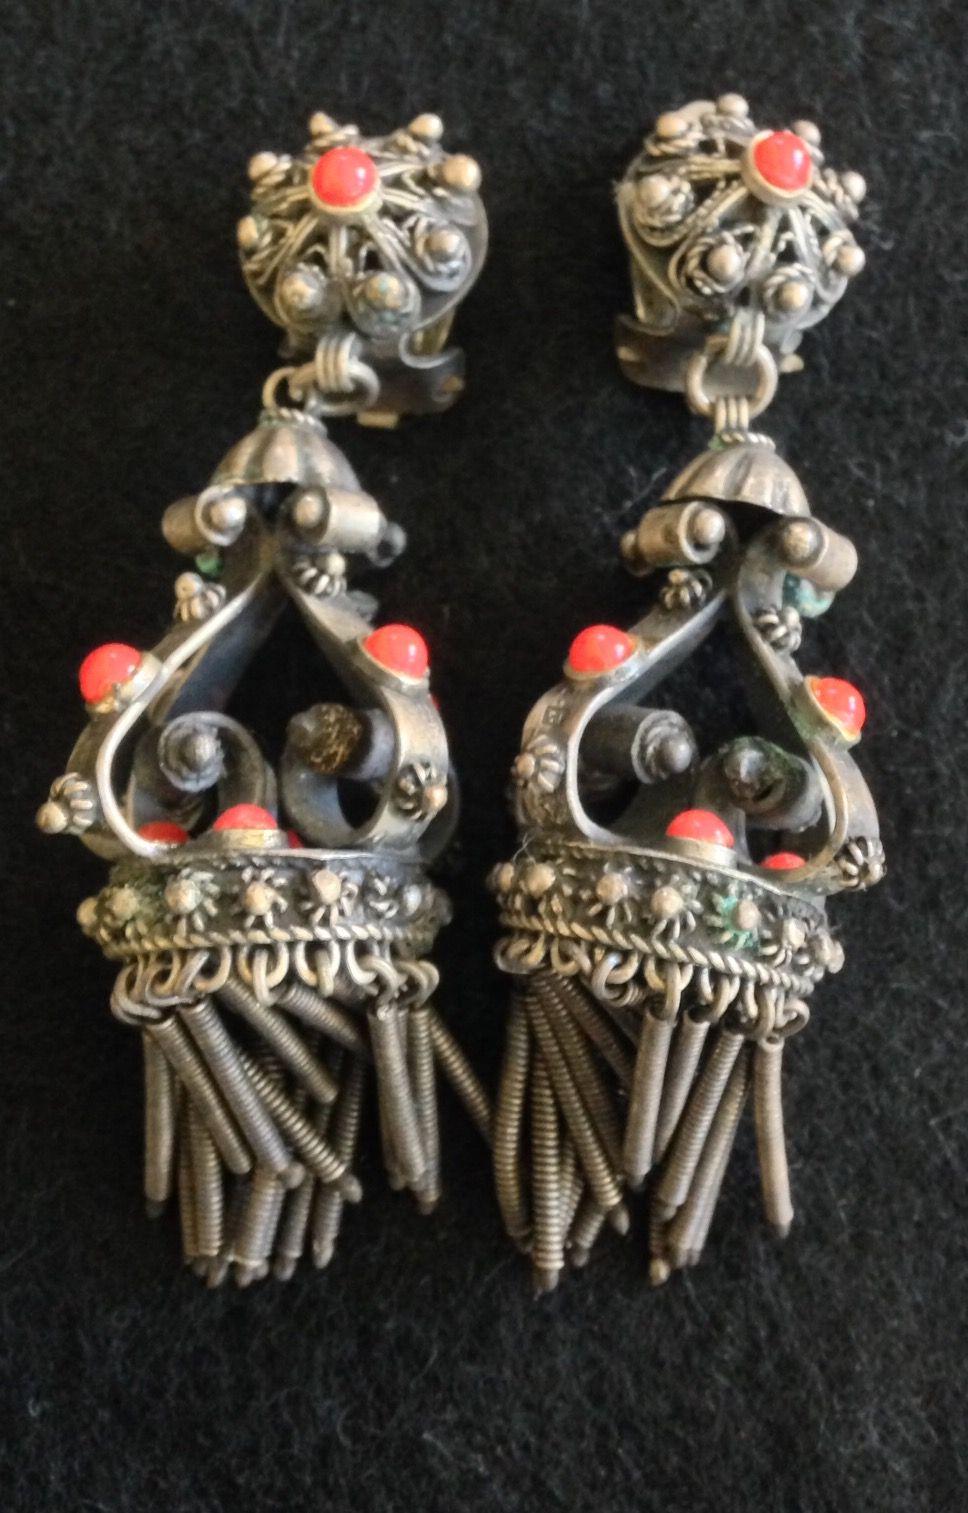 Vintage Tribal Indian Earrings